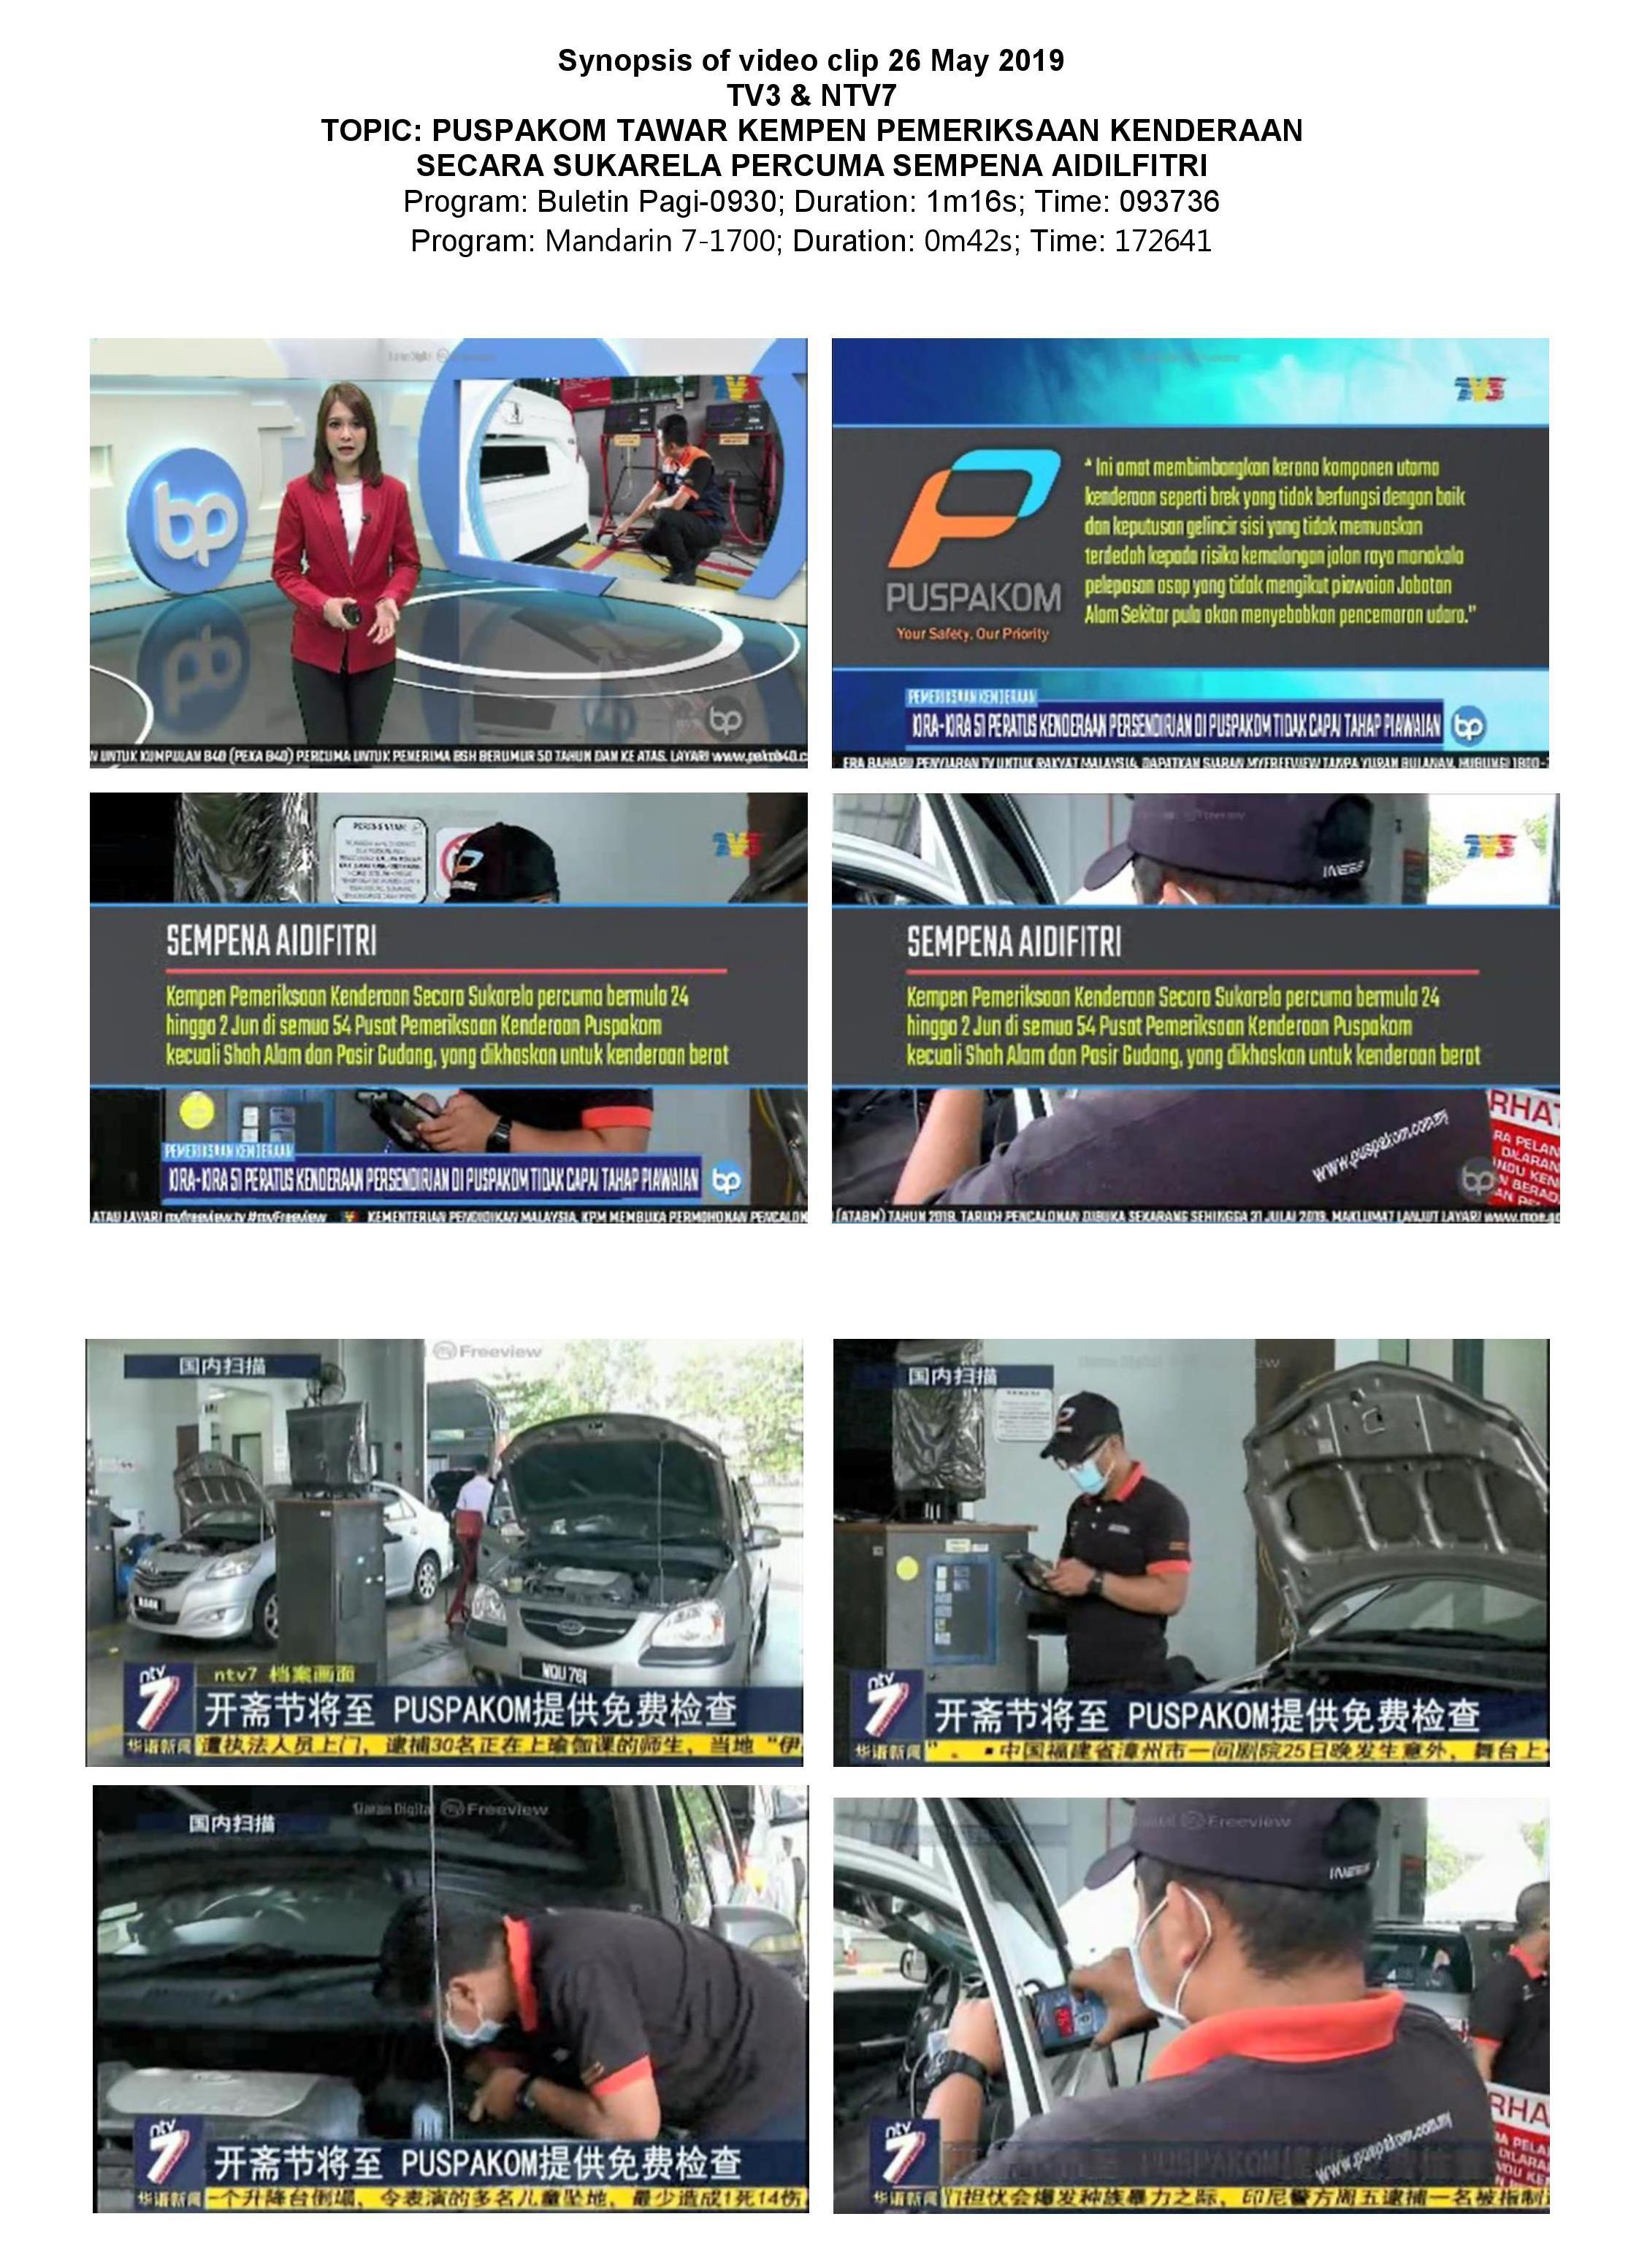 Synopsis of TV3 & NTV7_26.5_PUSPAKOM tawar kempen pemeriksaan kenderaan secara sukarela percuma sempena Aidilfitri